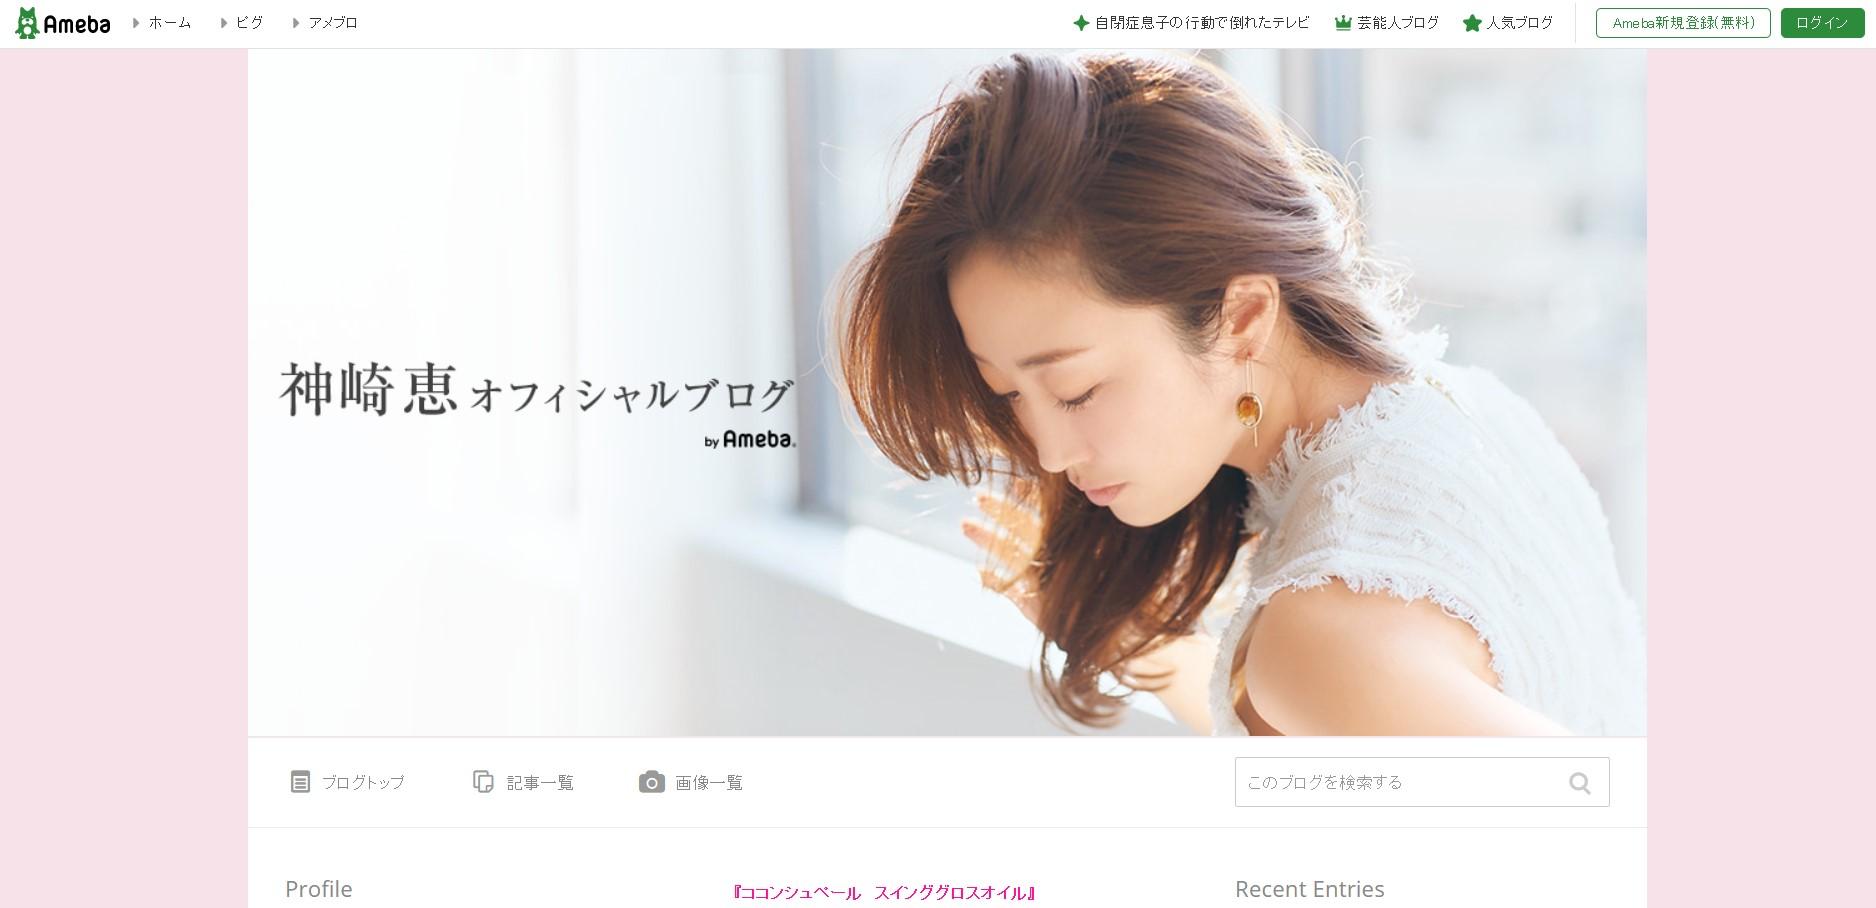 神崎恵と1対1で話せる!新刊発売を記念したオンラインイベントに注目!